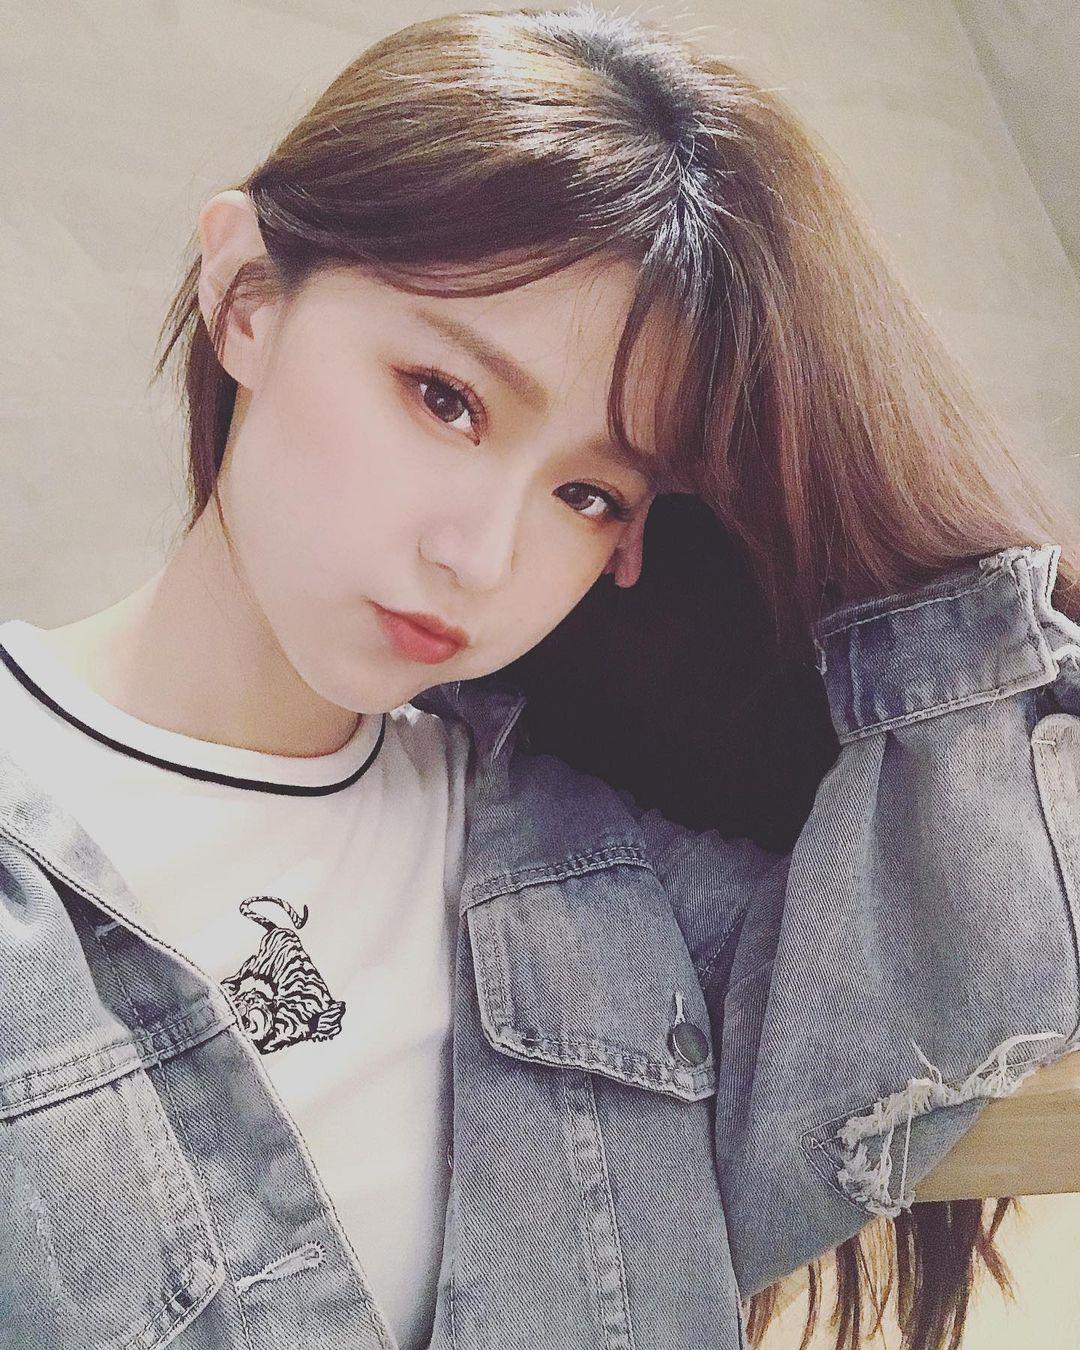 美少女俞瑄White  可愛又清純的模樣讓人戀愛了 - 美女圖 -